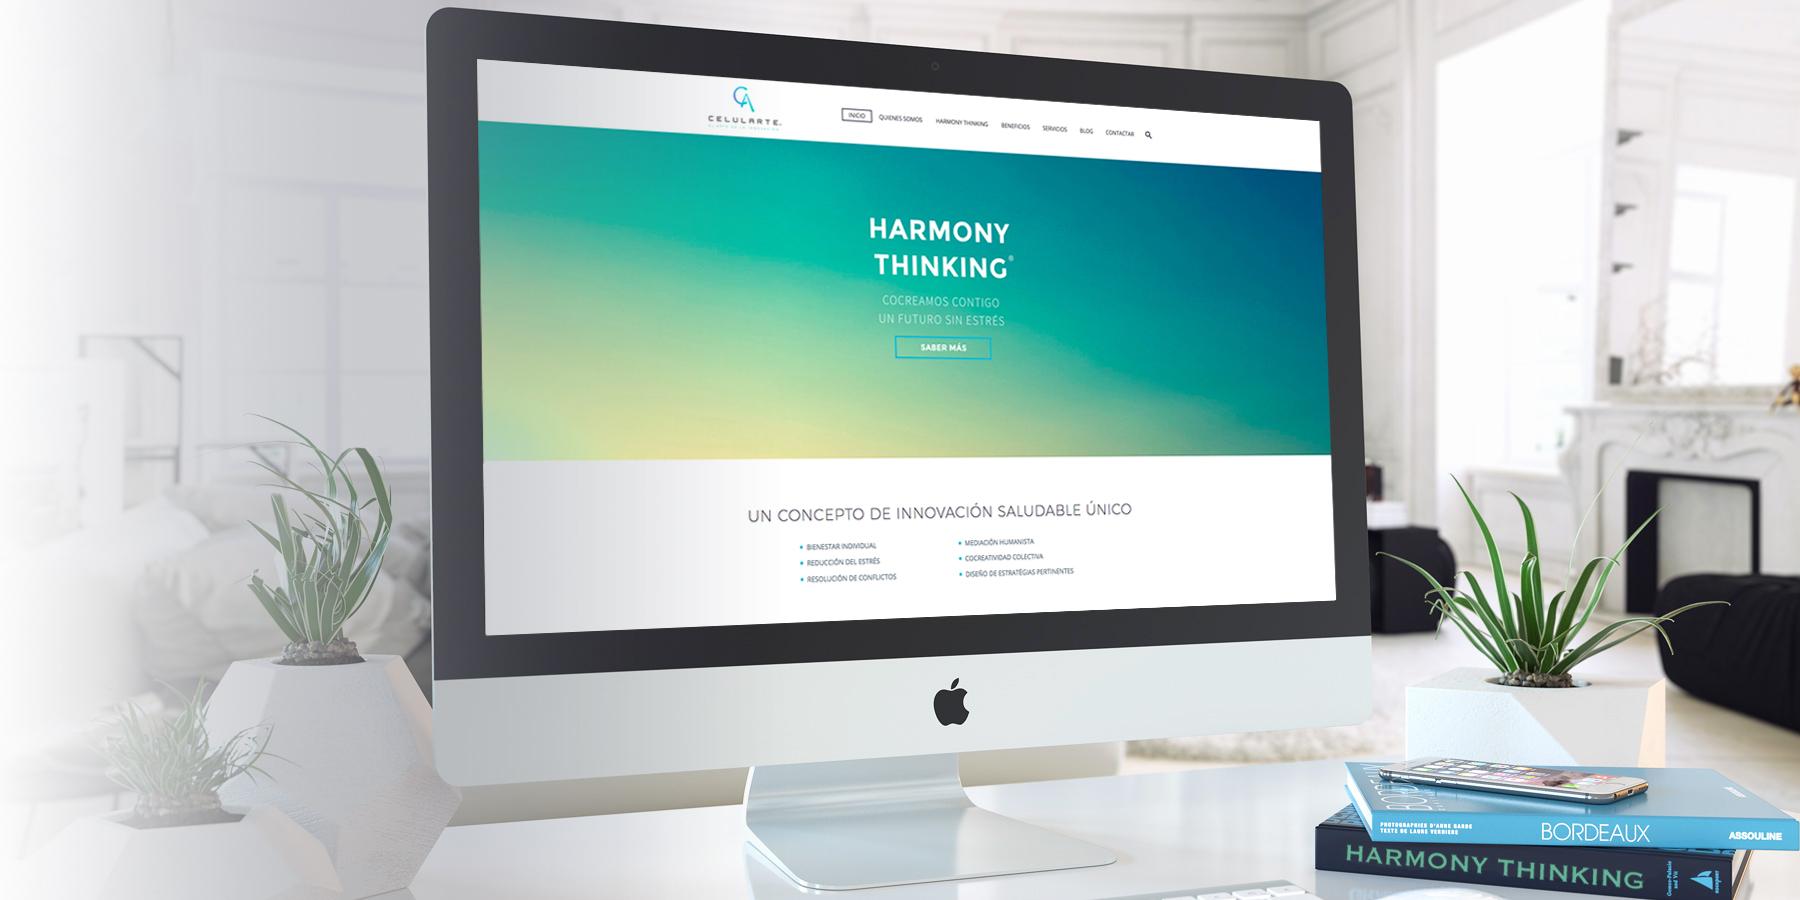 agencia de publicidad en sevilla, diseño gráfico y web